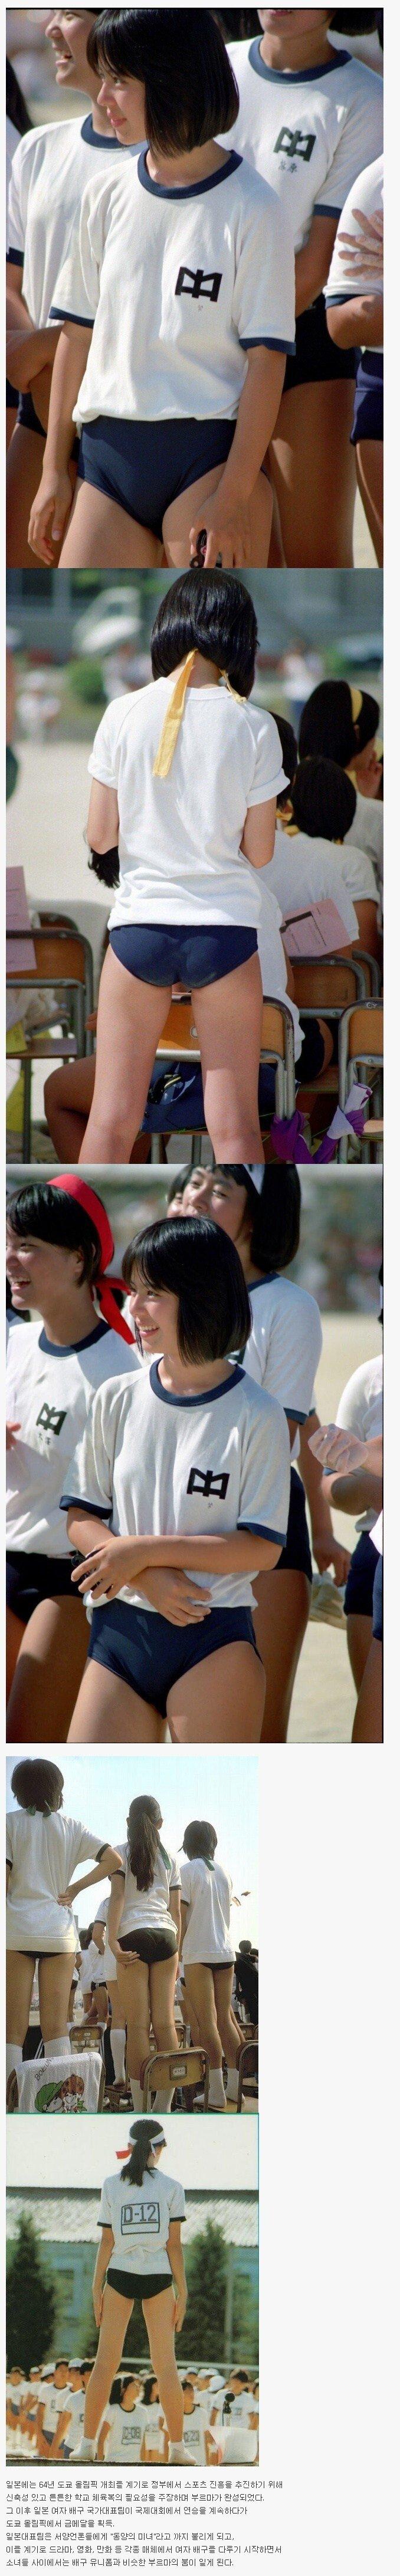 60~80년대 일본 여고생쟝들의 체육복